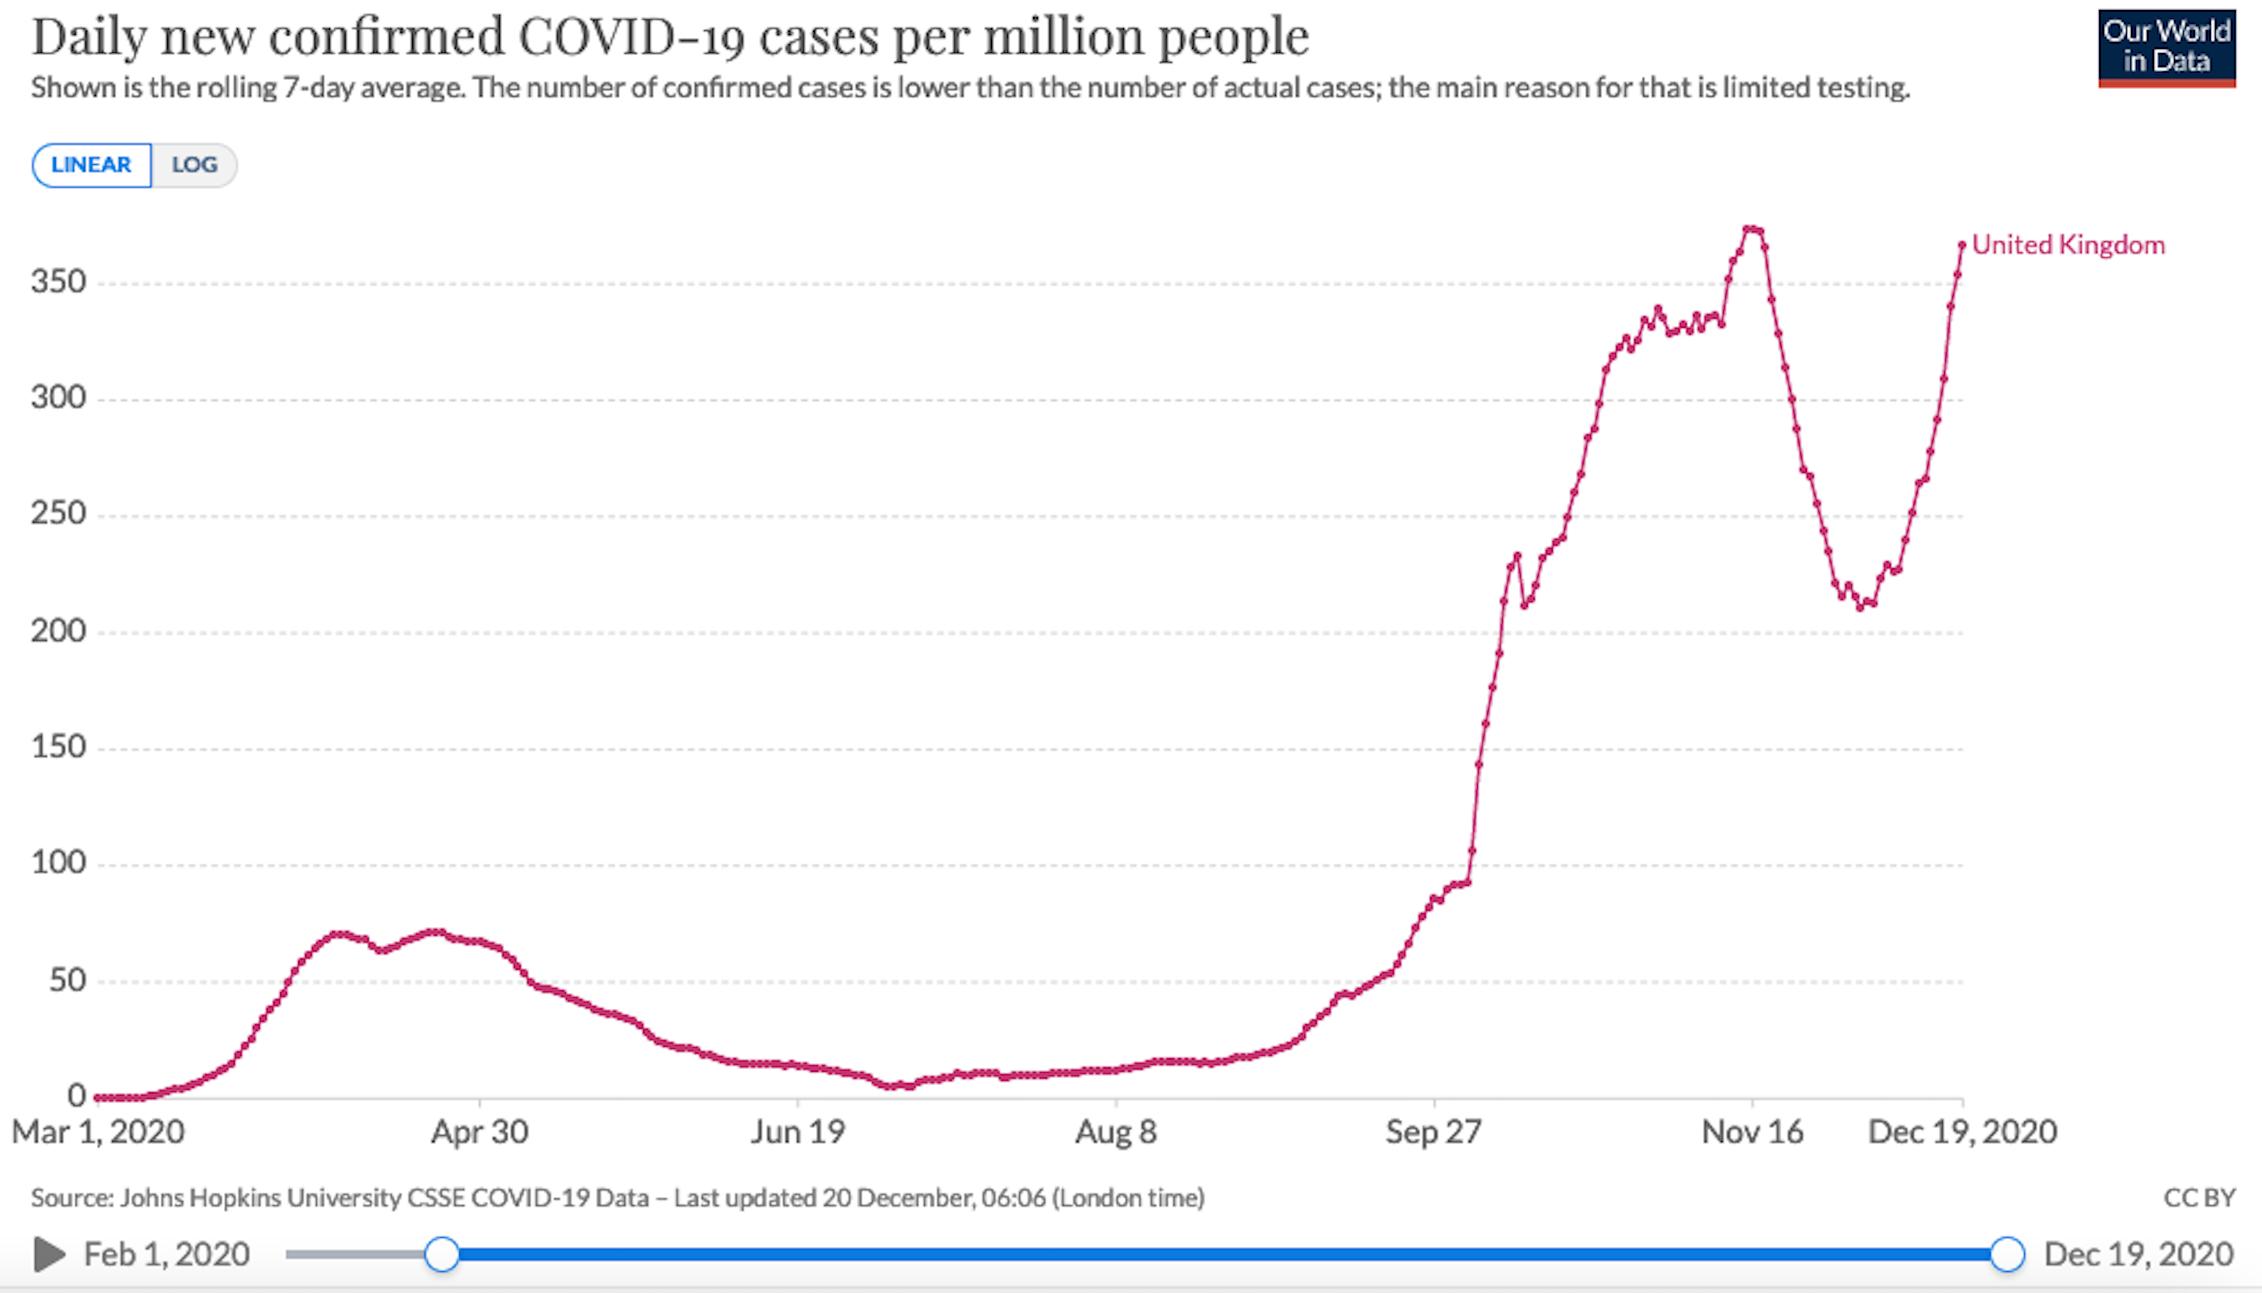 Se cree que la nueva variante es responsable del aumento de nuevas infecciones en el Reino Unido.OurWorldInData,CC BY-SA